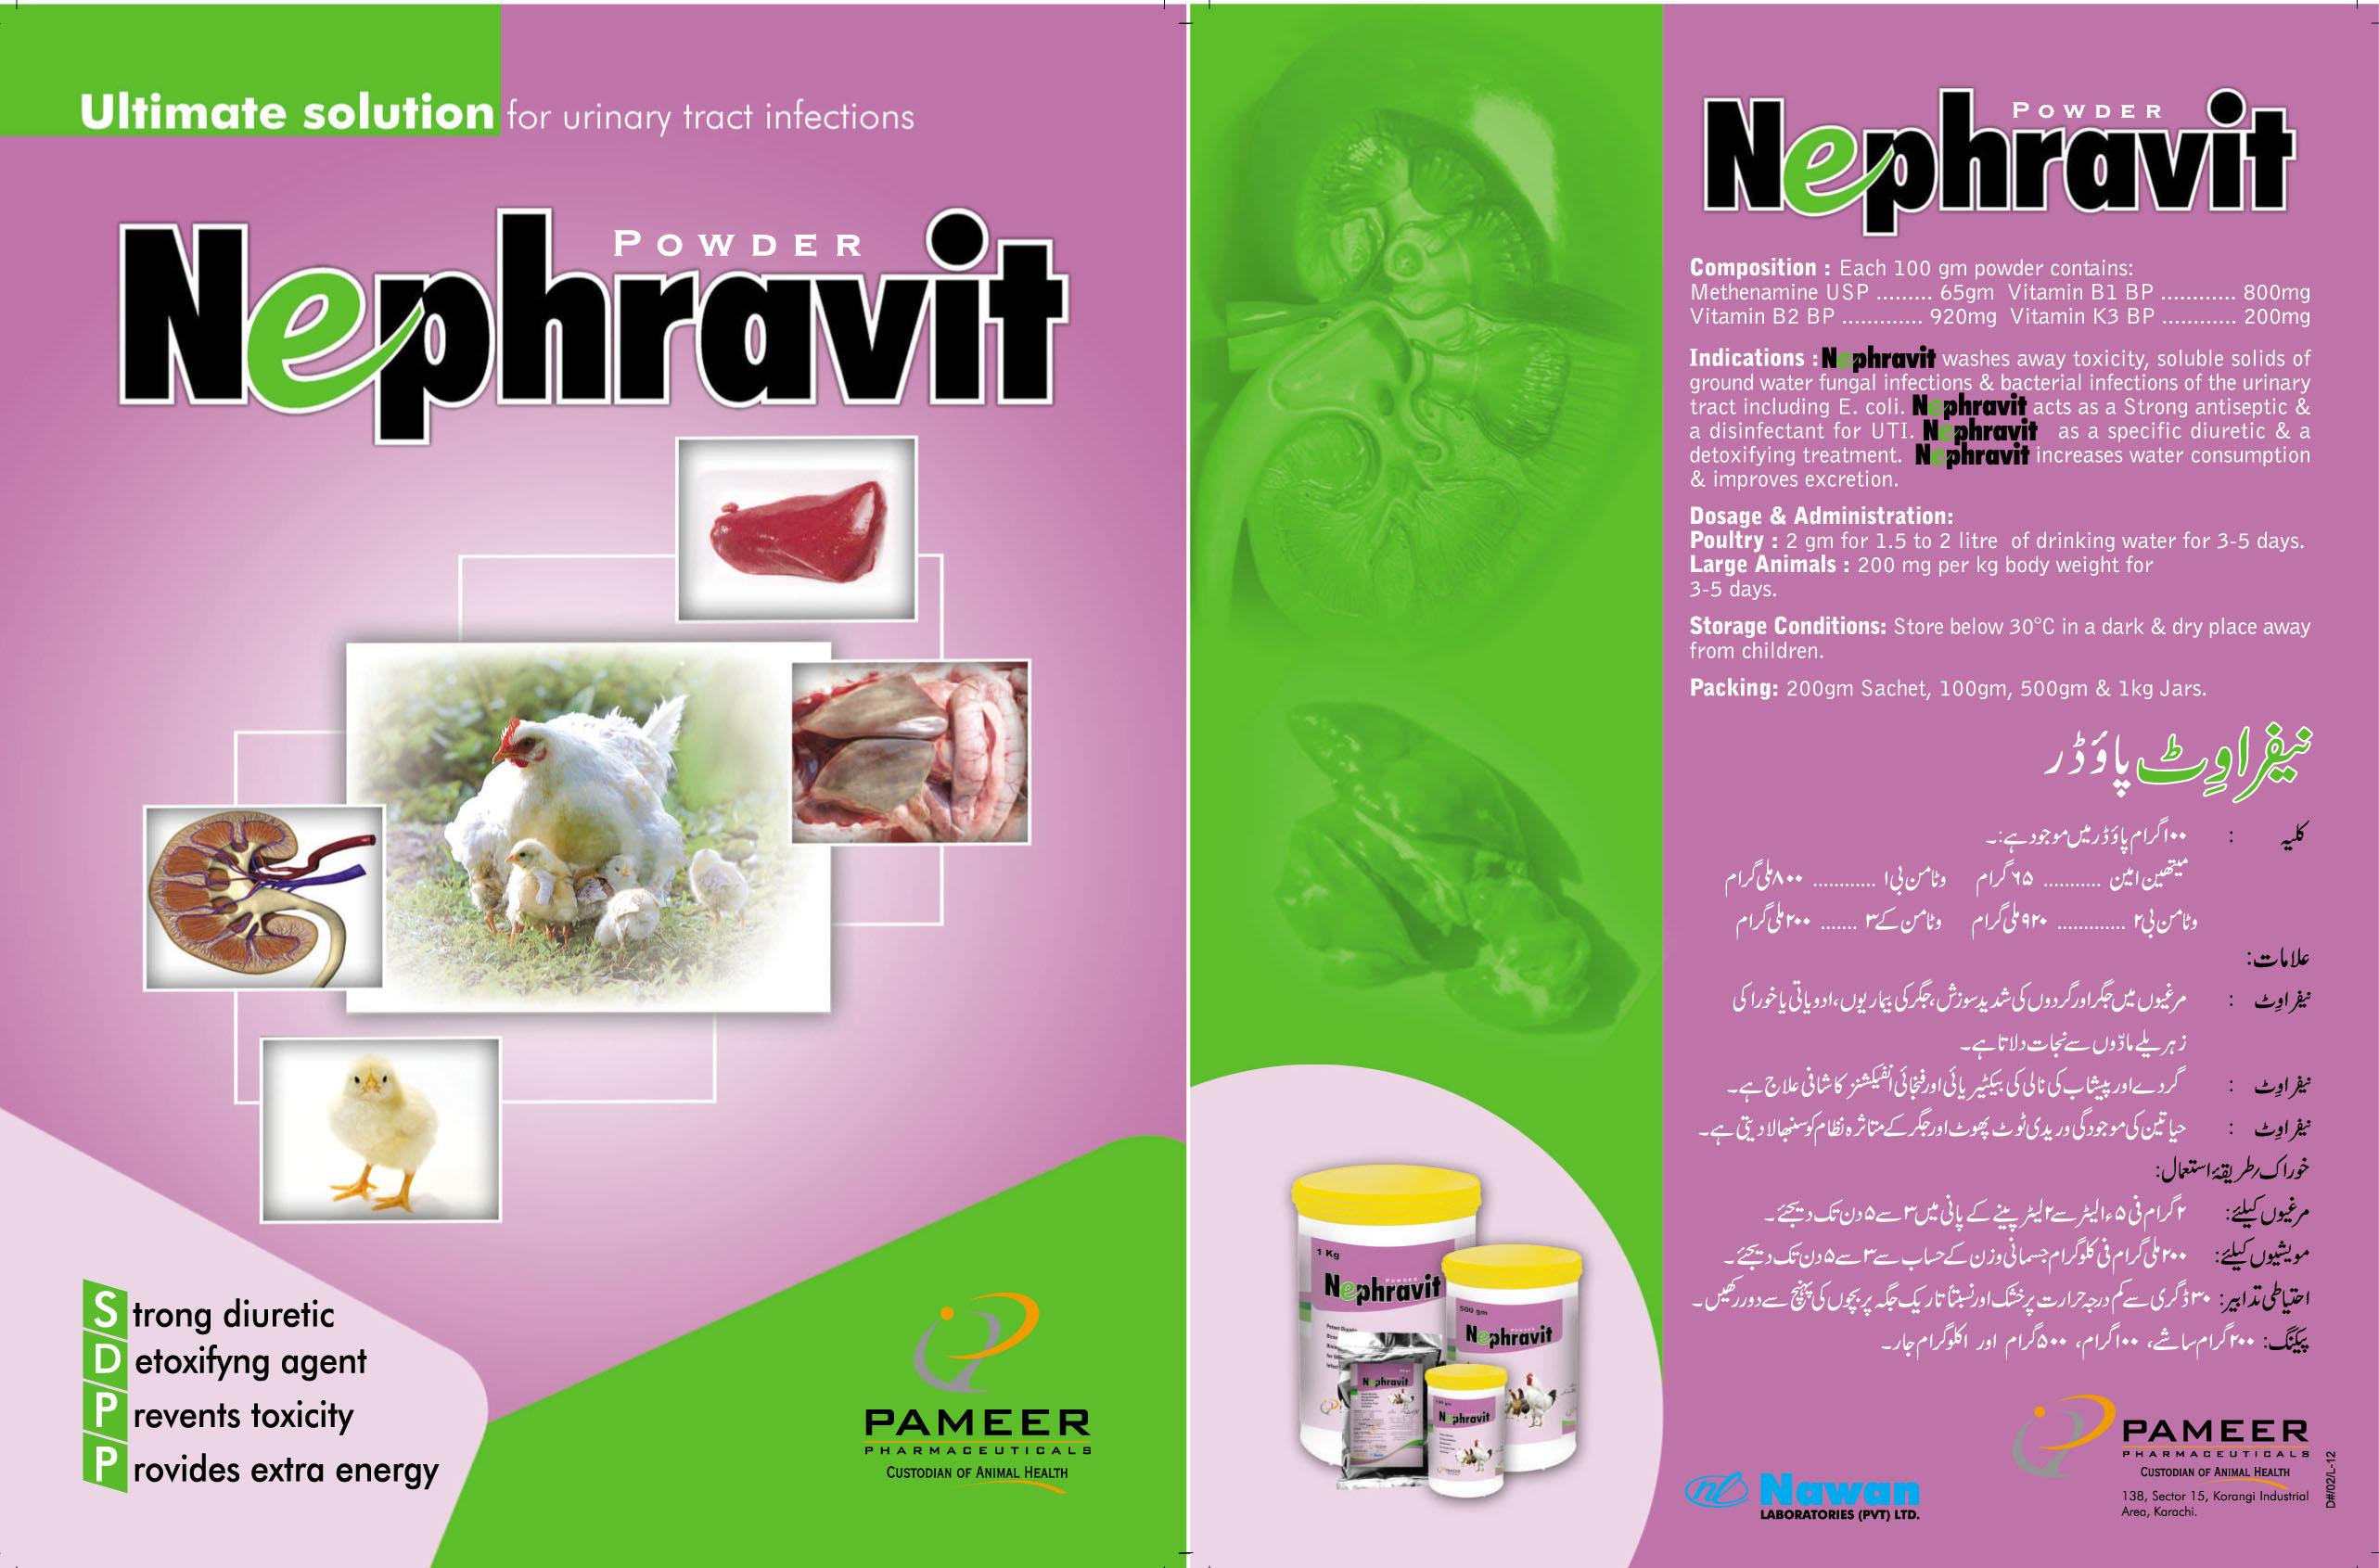 Nephravit Powder!